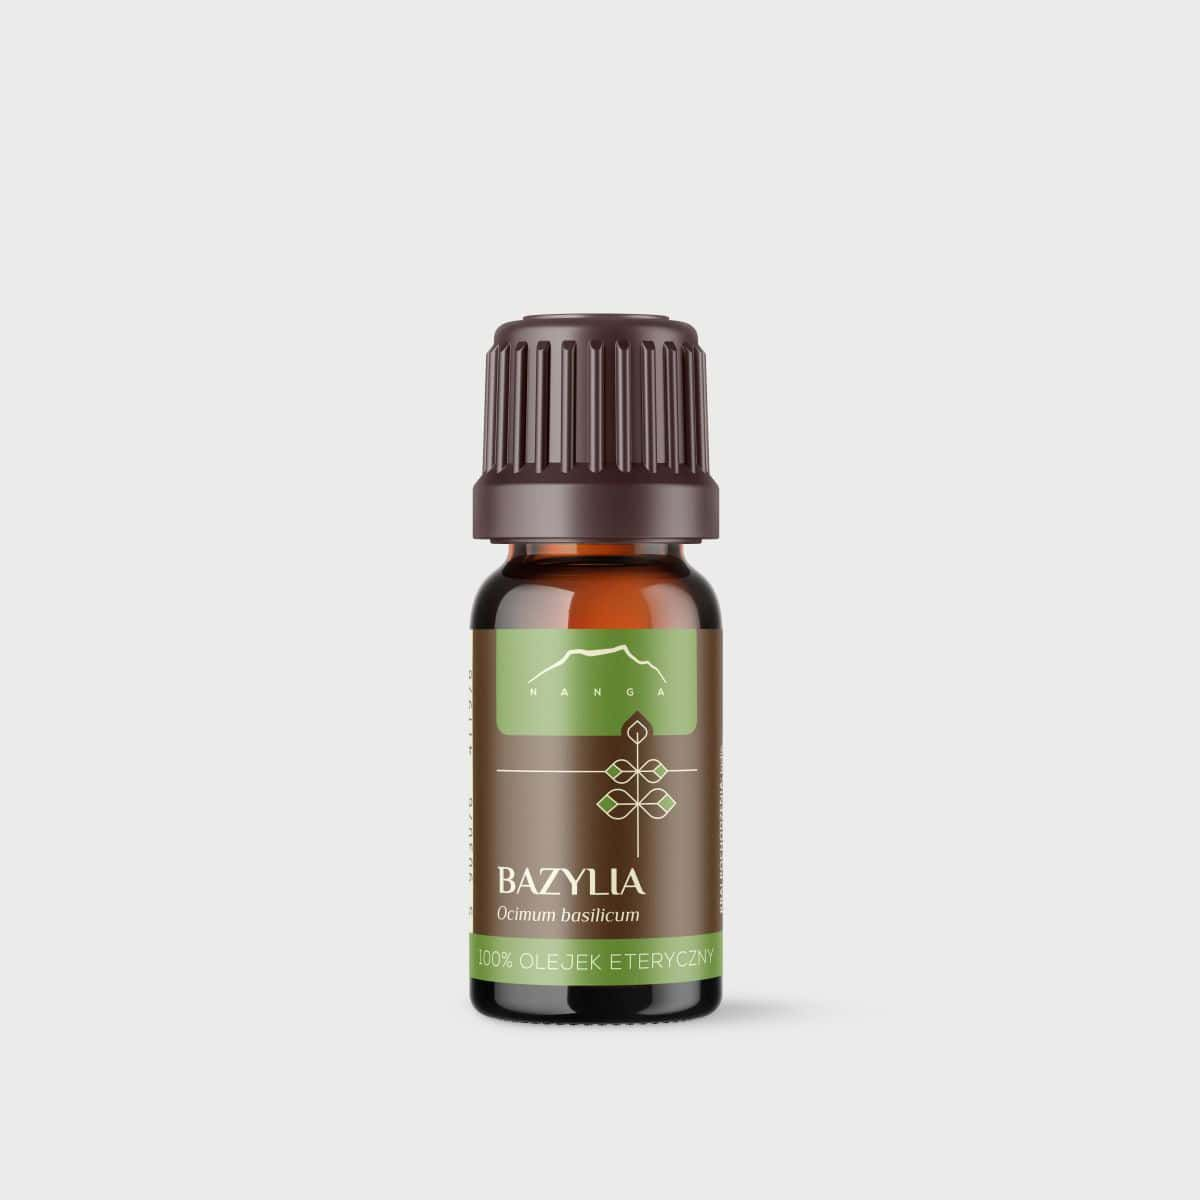 Olejek bazyliowy 100% eteryczny Nanga